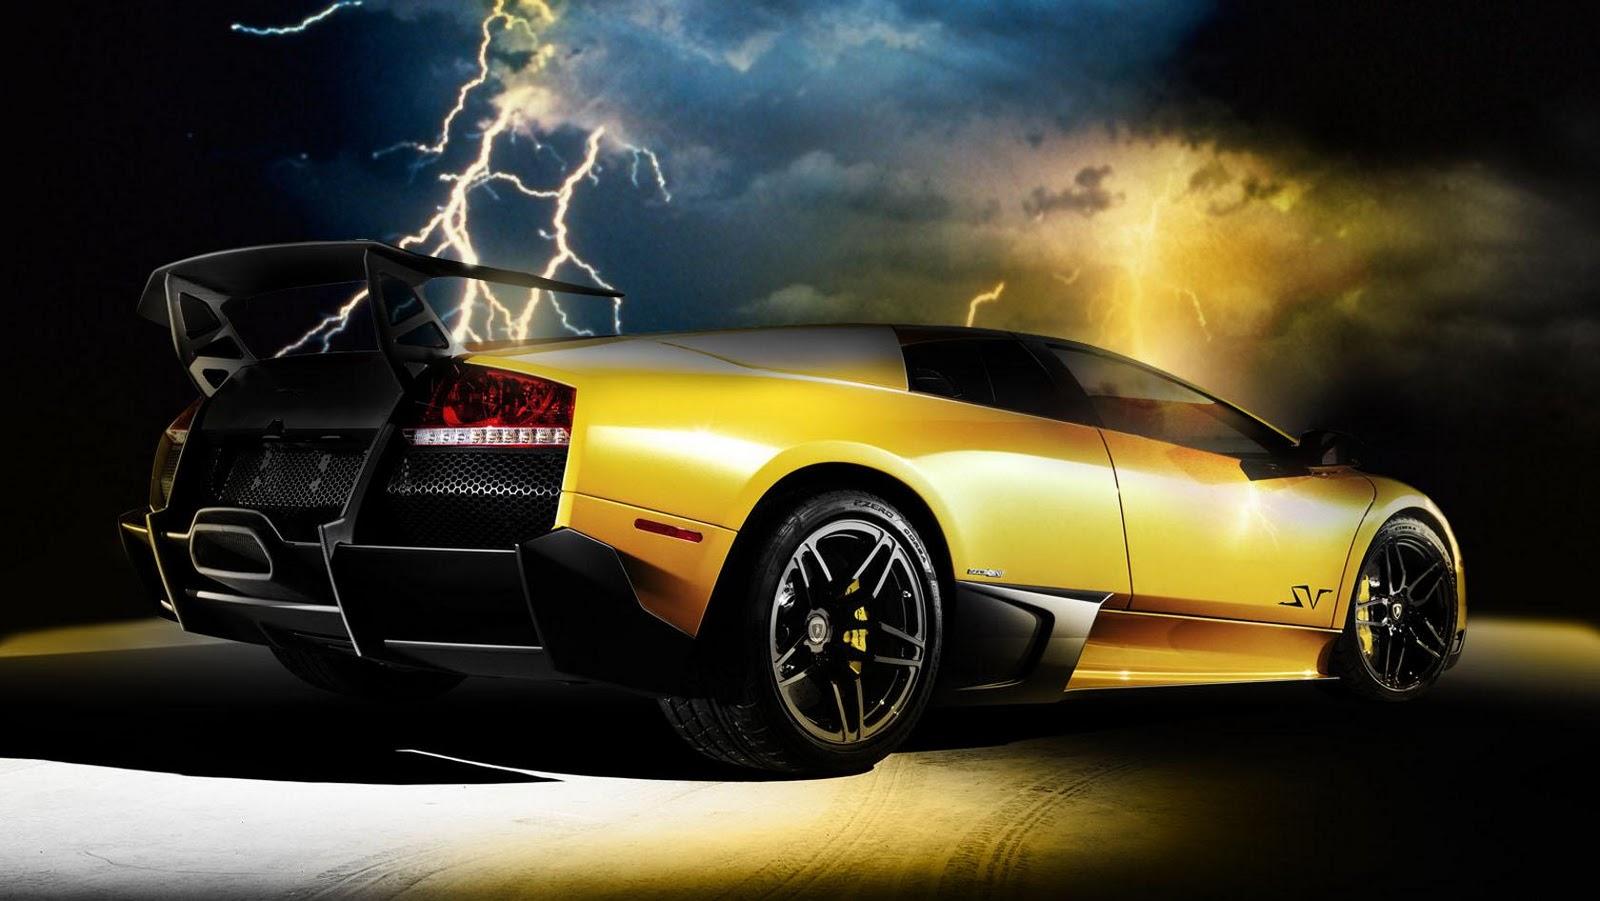 2013 Lamborghini Murcielago 6 Free Car Wallpaper